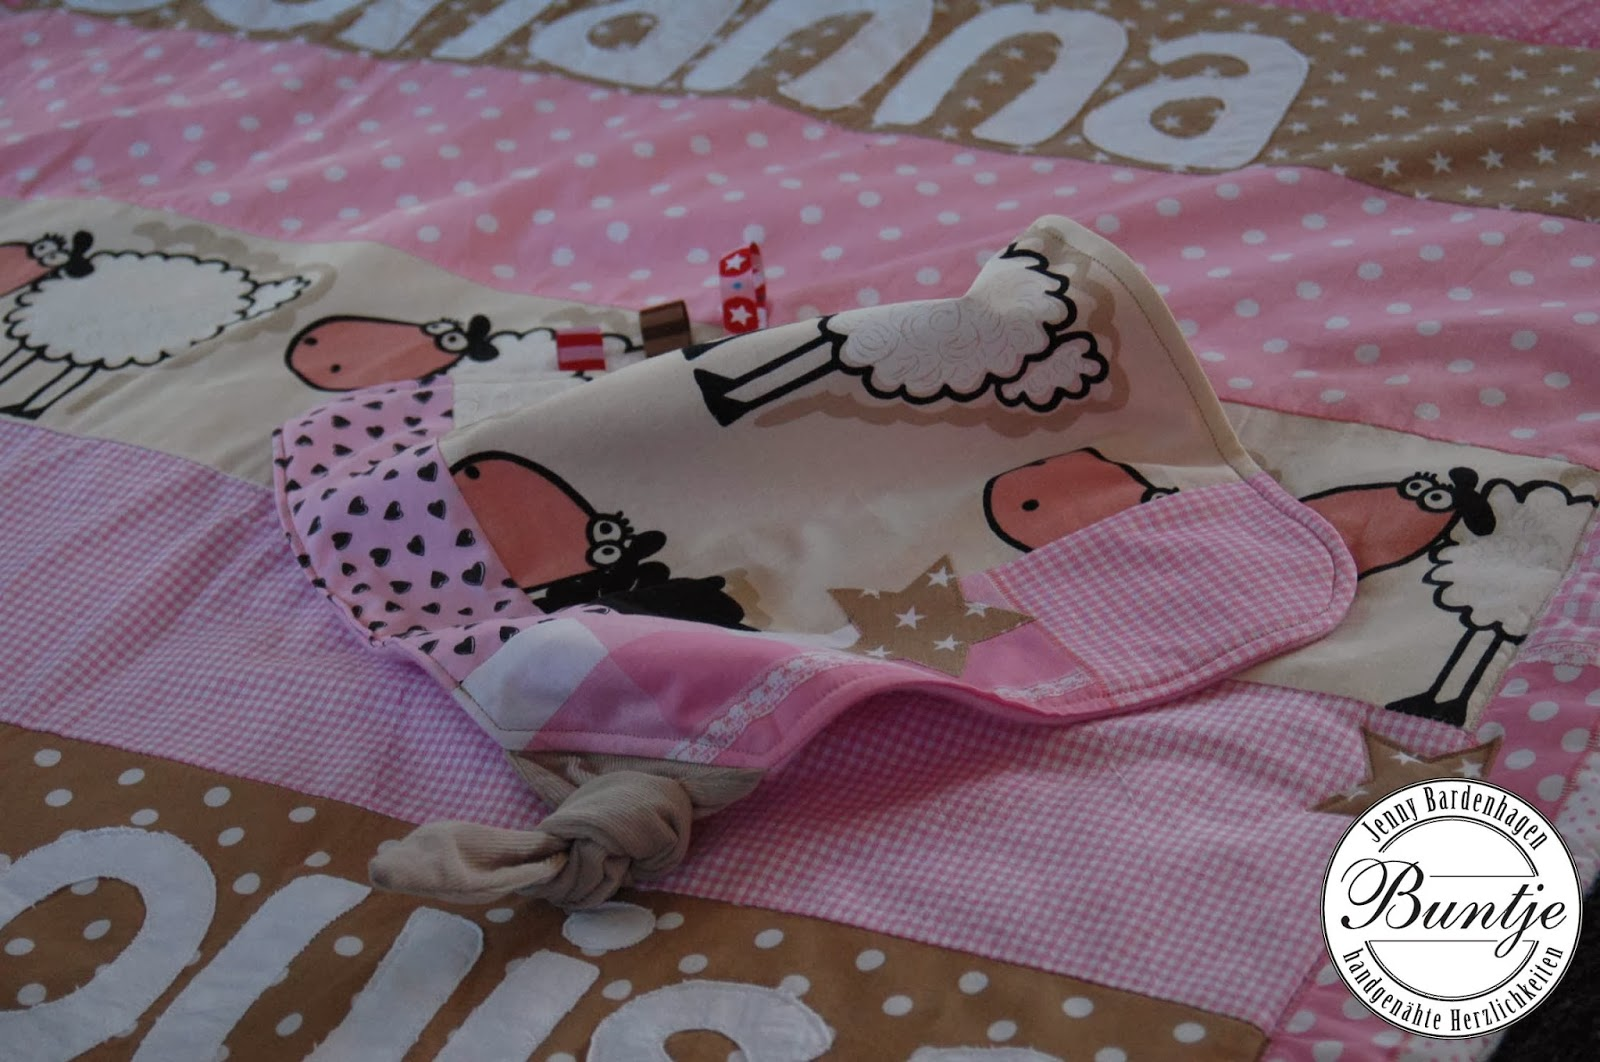 Krabbeldecke Decke Baby Kuscheldecke Babydecke Einschlagdecke Geschenk Geburt Taufe Name Mädchen rosa beige Schafe Baumwolle Fleece Tiere Tasche Alcantara Schnullertäschchen Schnuffeltuch Kuscheltuch nähen handmade Buntje individuell